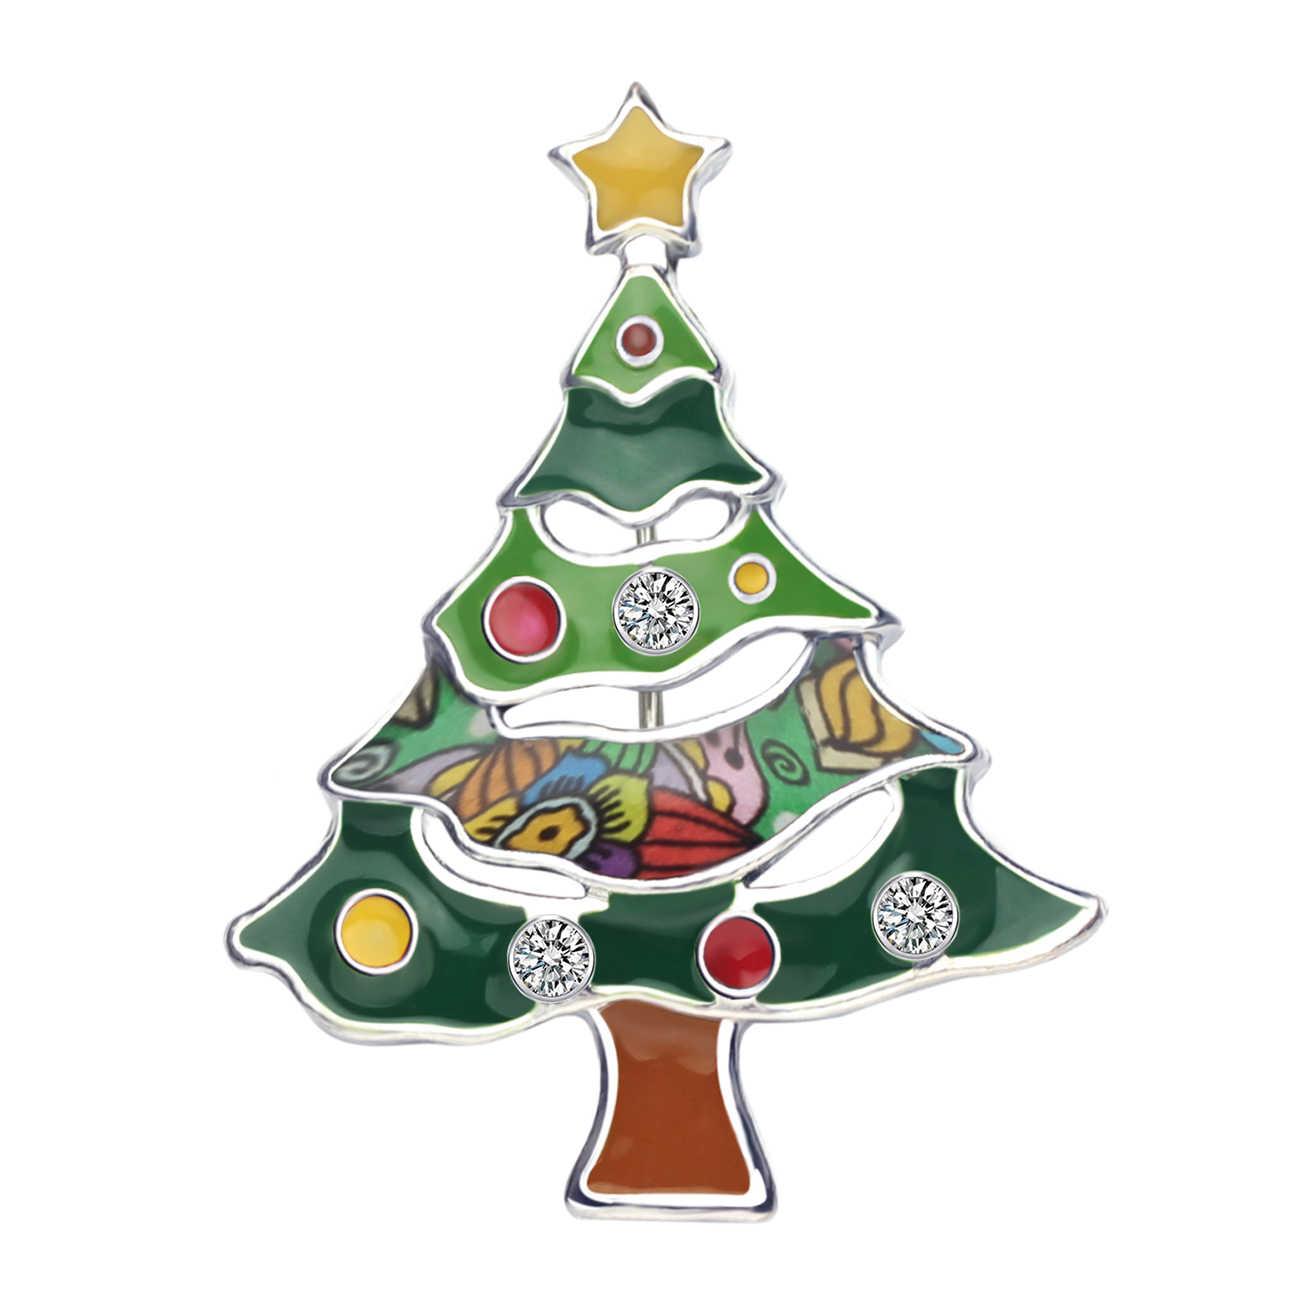 WEVENI Della Lega Dello Smalto Albero Di Natale Star Spille Abbigliamento Sciarpa Navidad Decorazione Spille del Regalo Dei Monili Per Le Donne Ragazze Adolescenti Bijoux